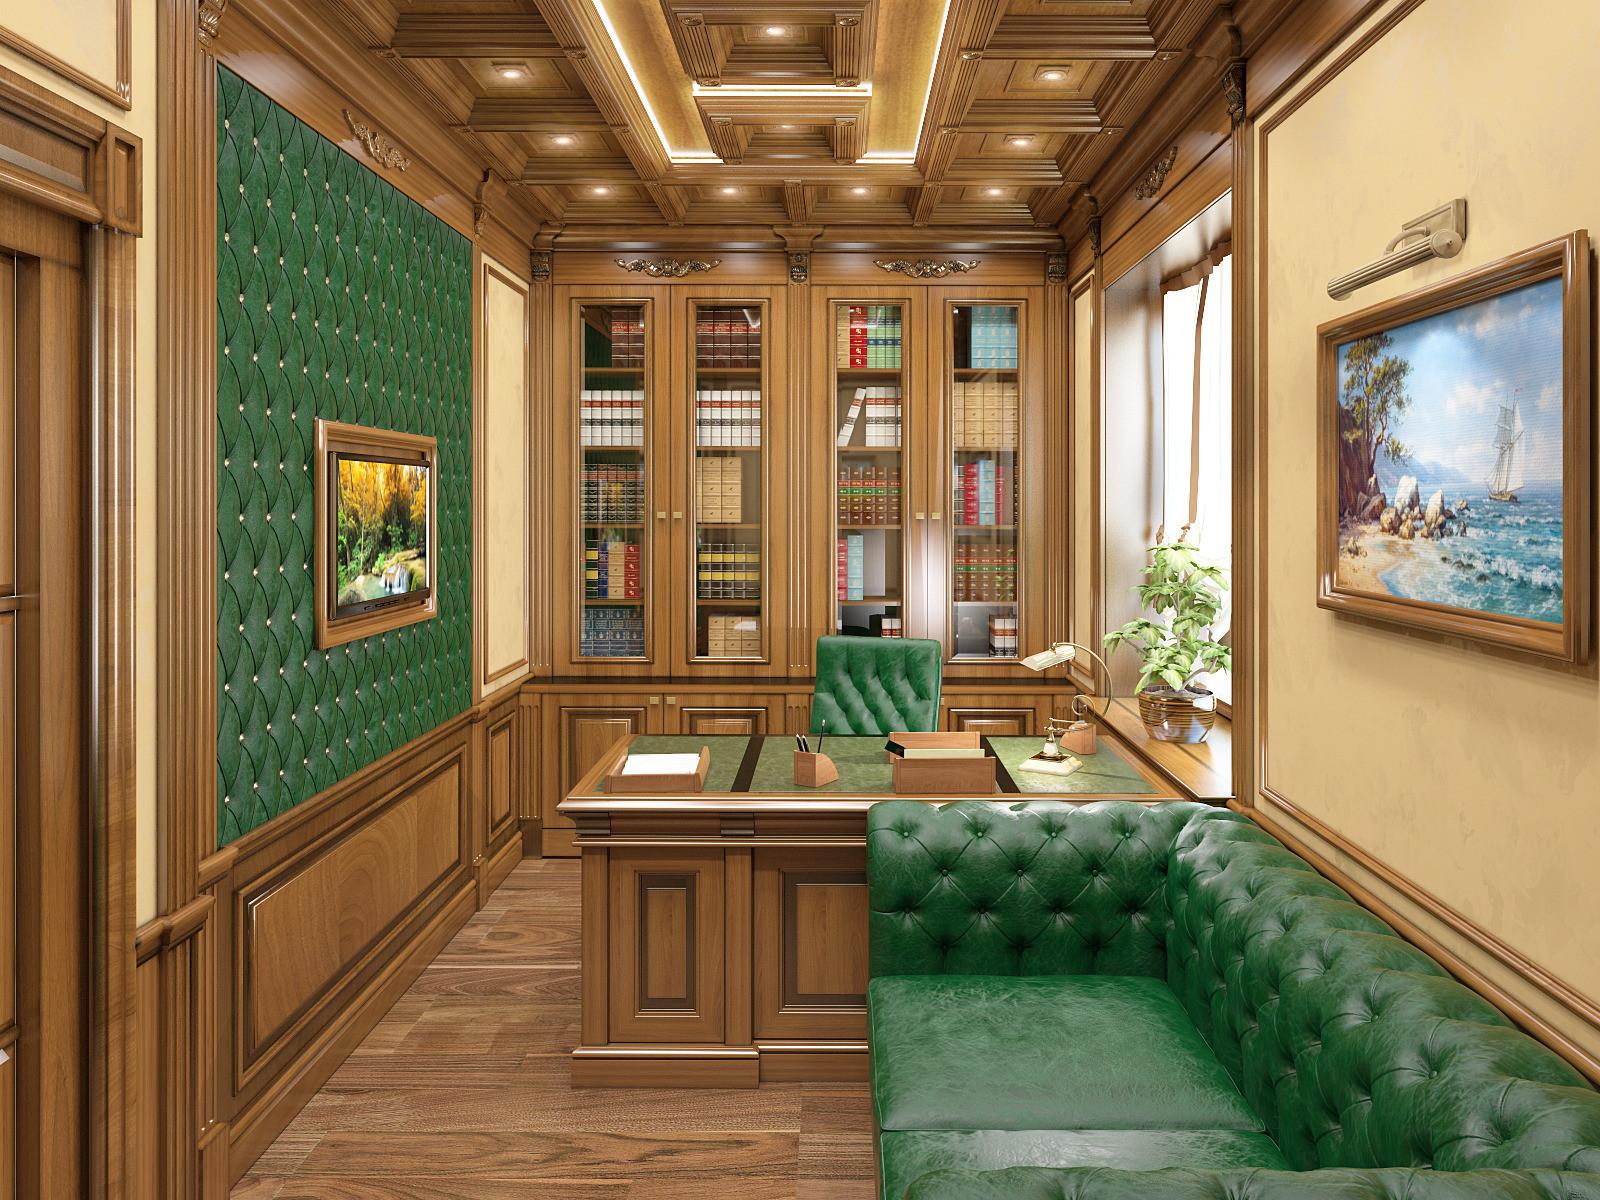 один кабинет в частном доме фото зверей